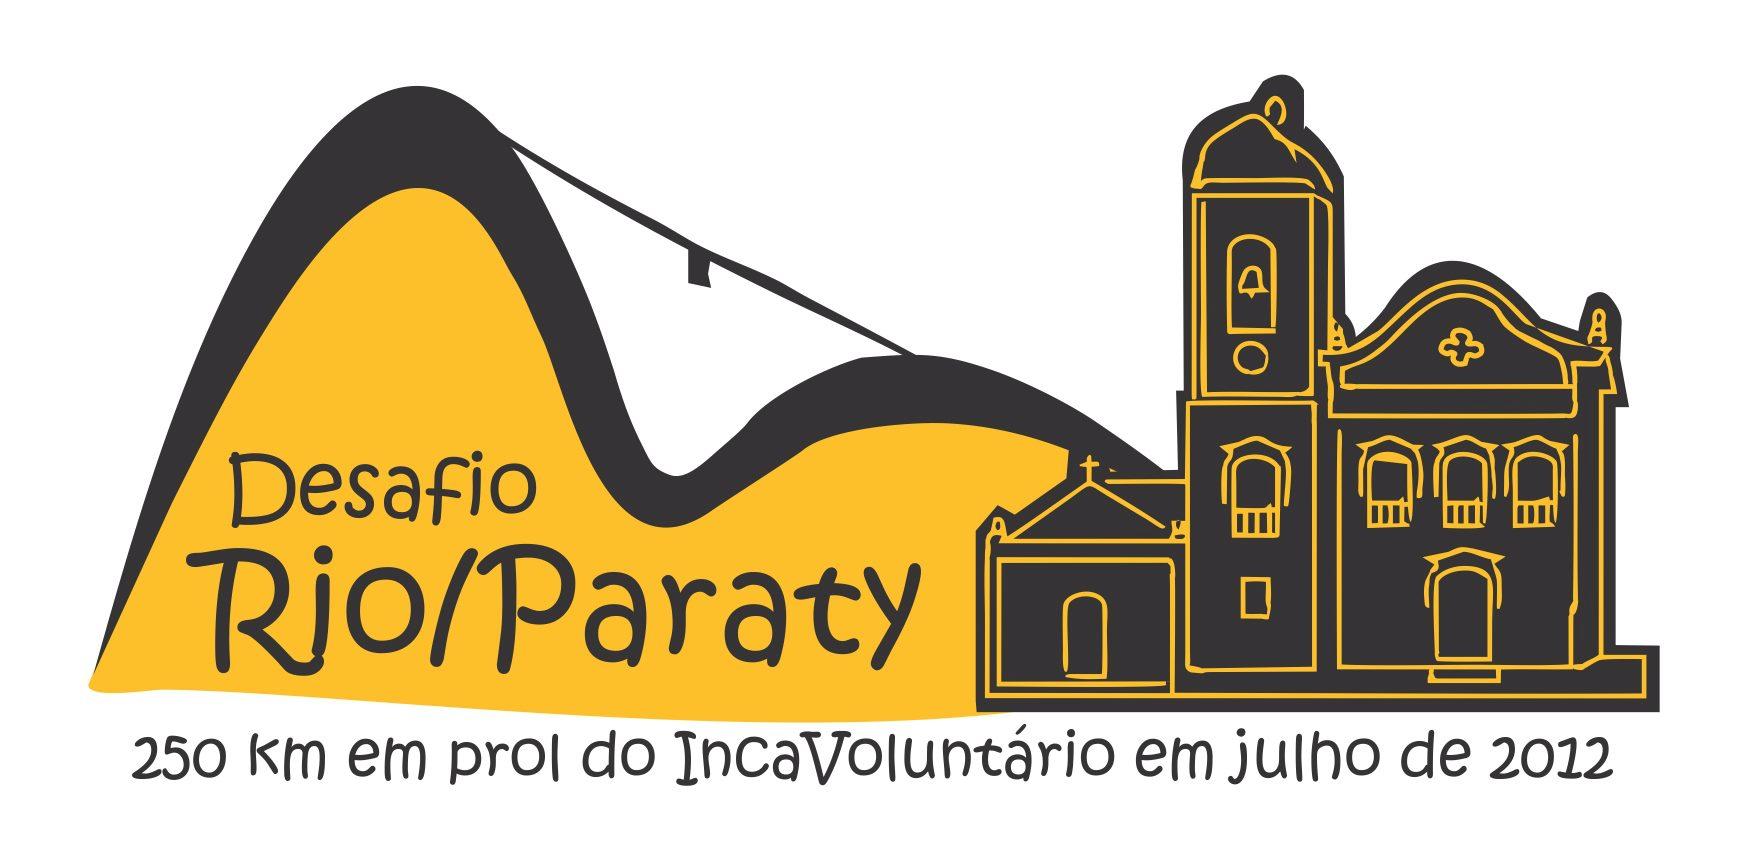 rio-paraty-2012